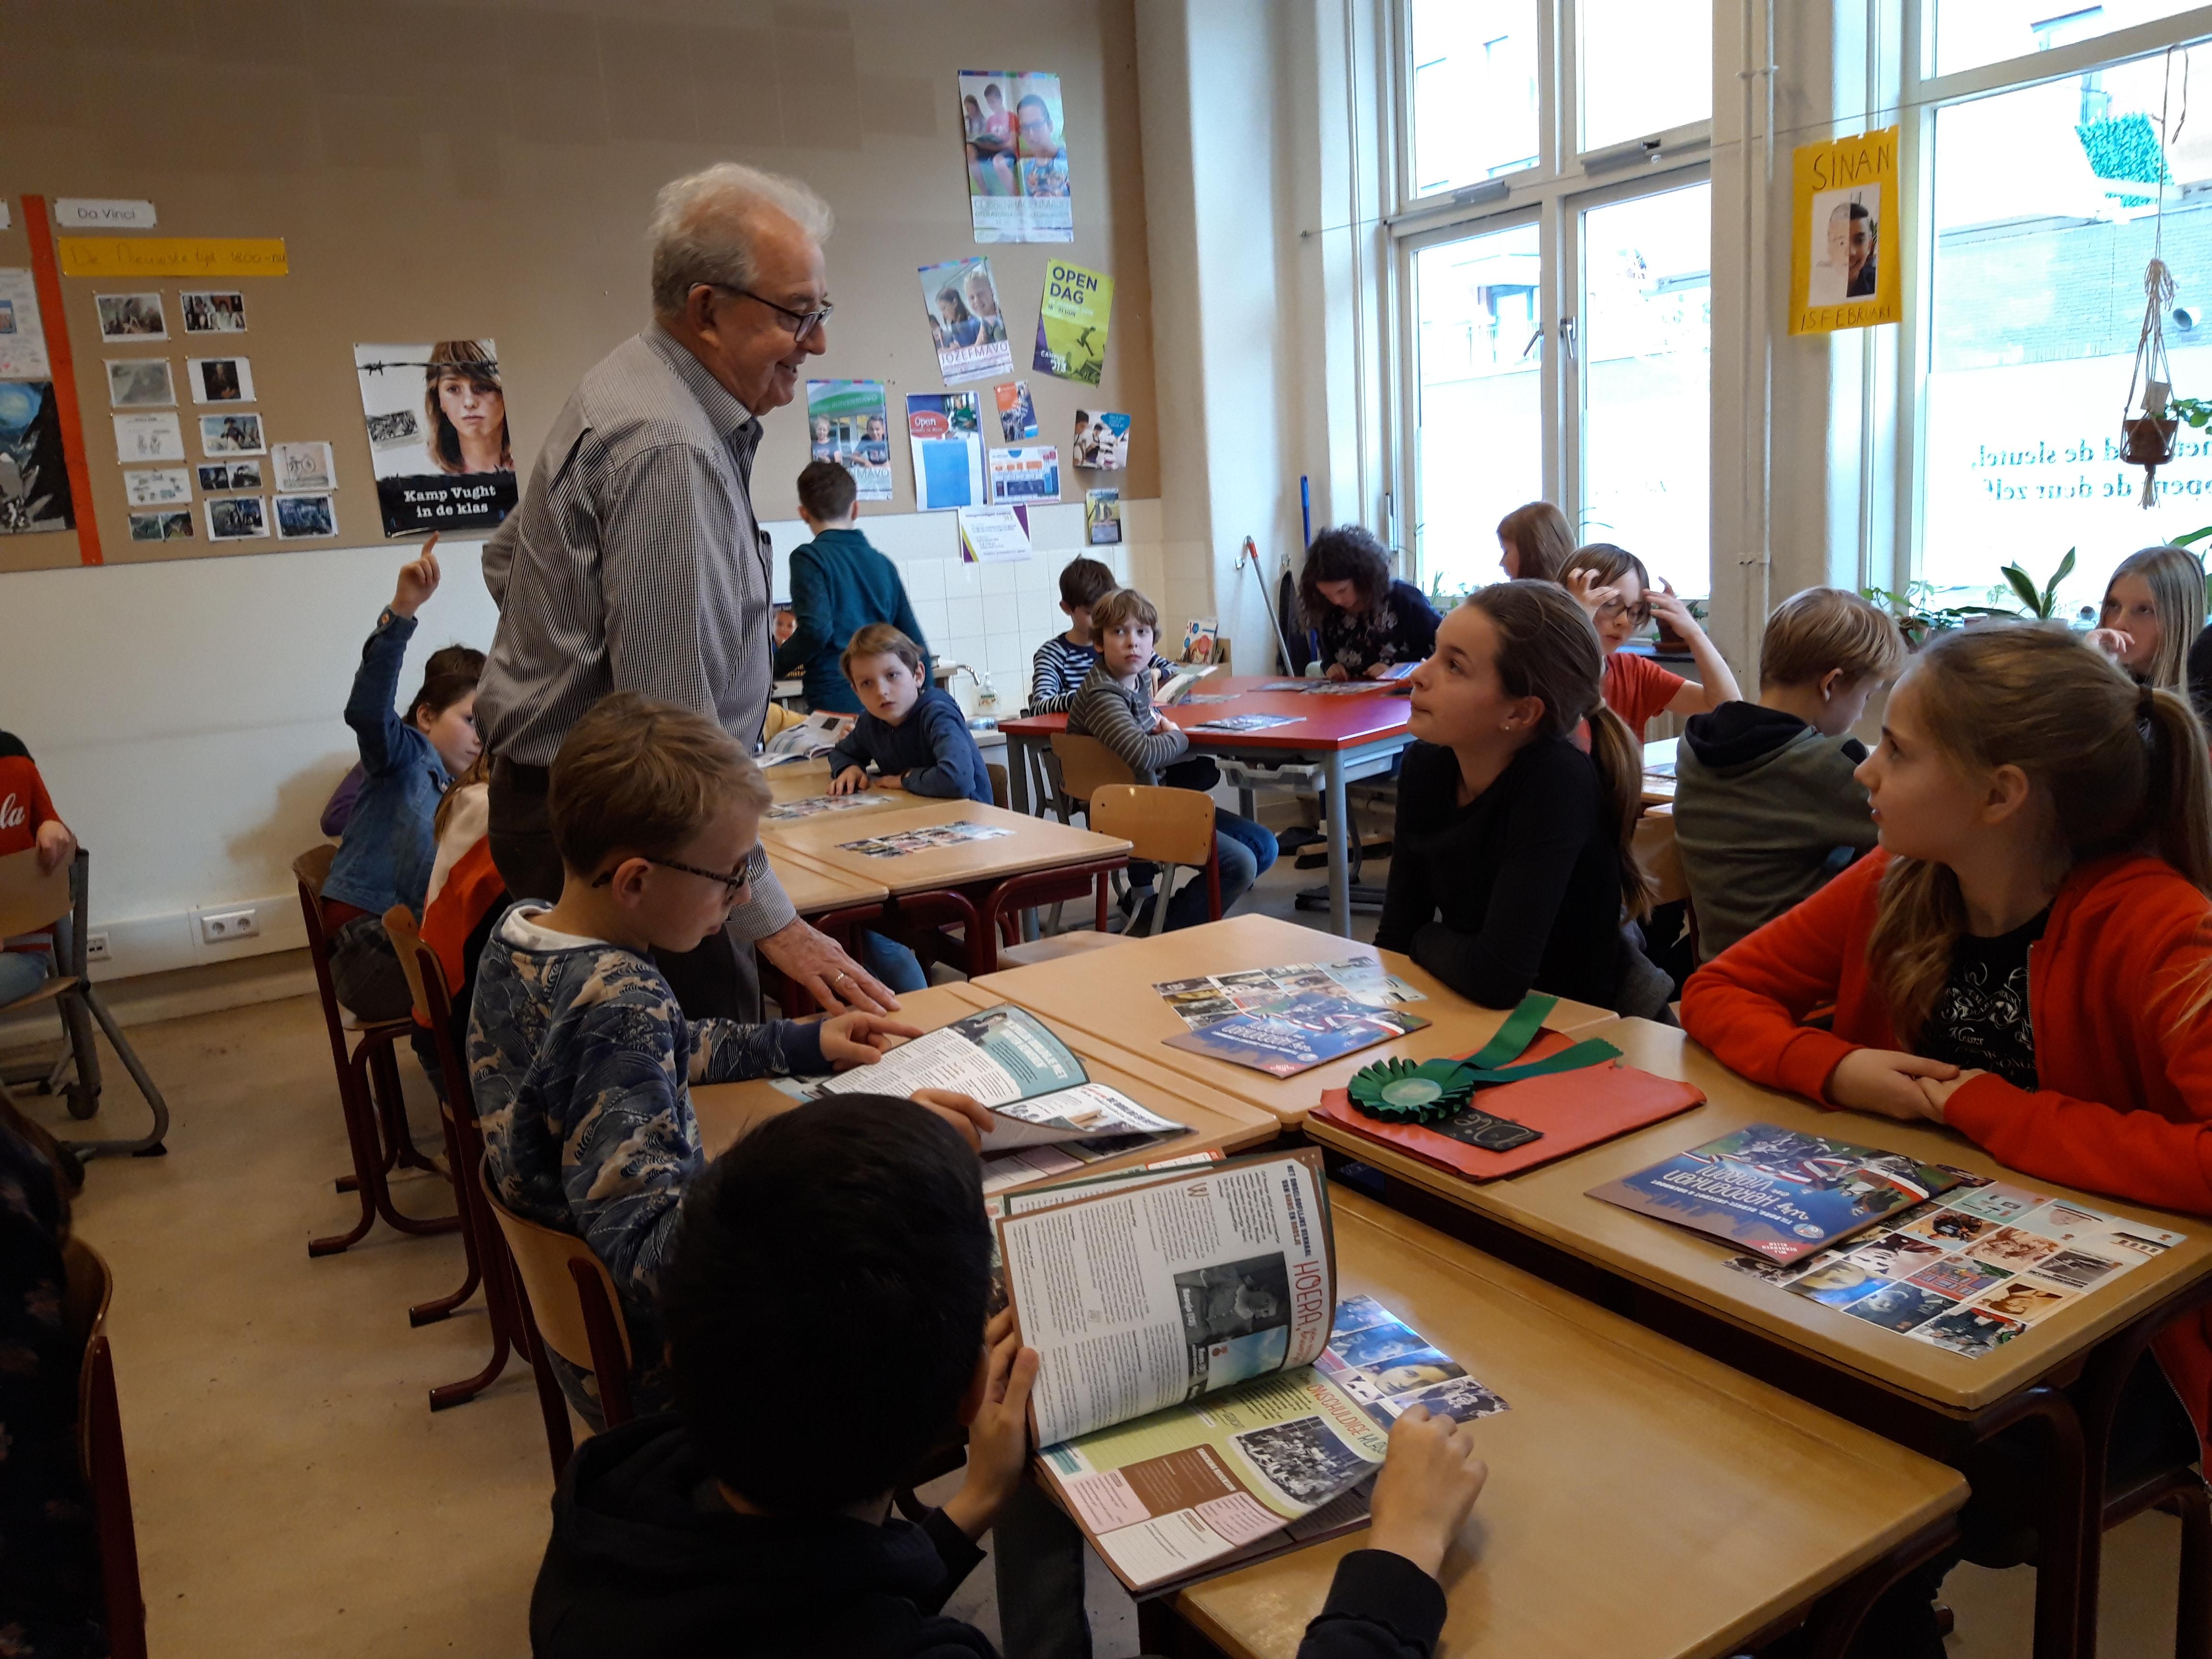 20190211_Aart in de klas - Wij Herdenken en Vieren